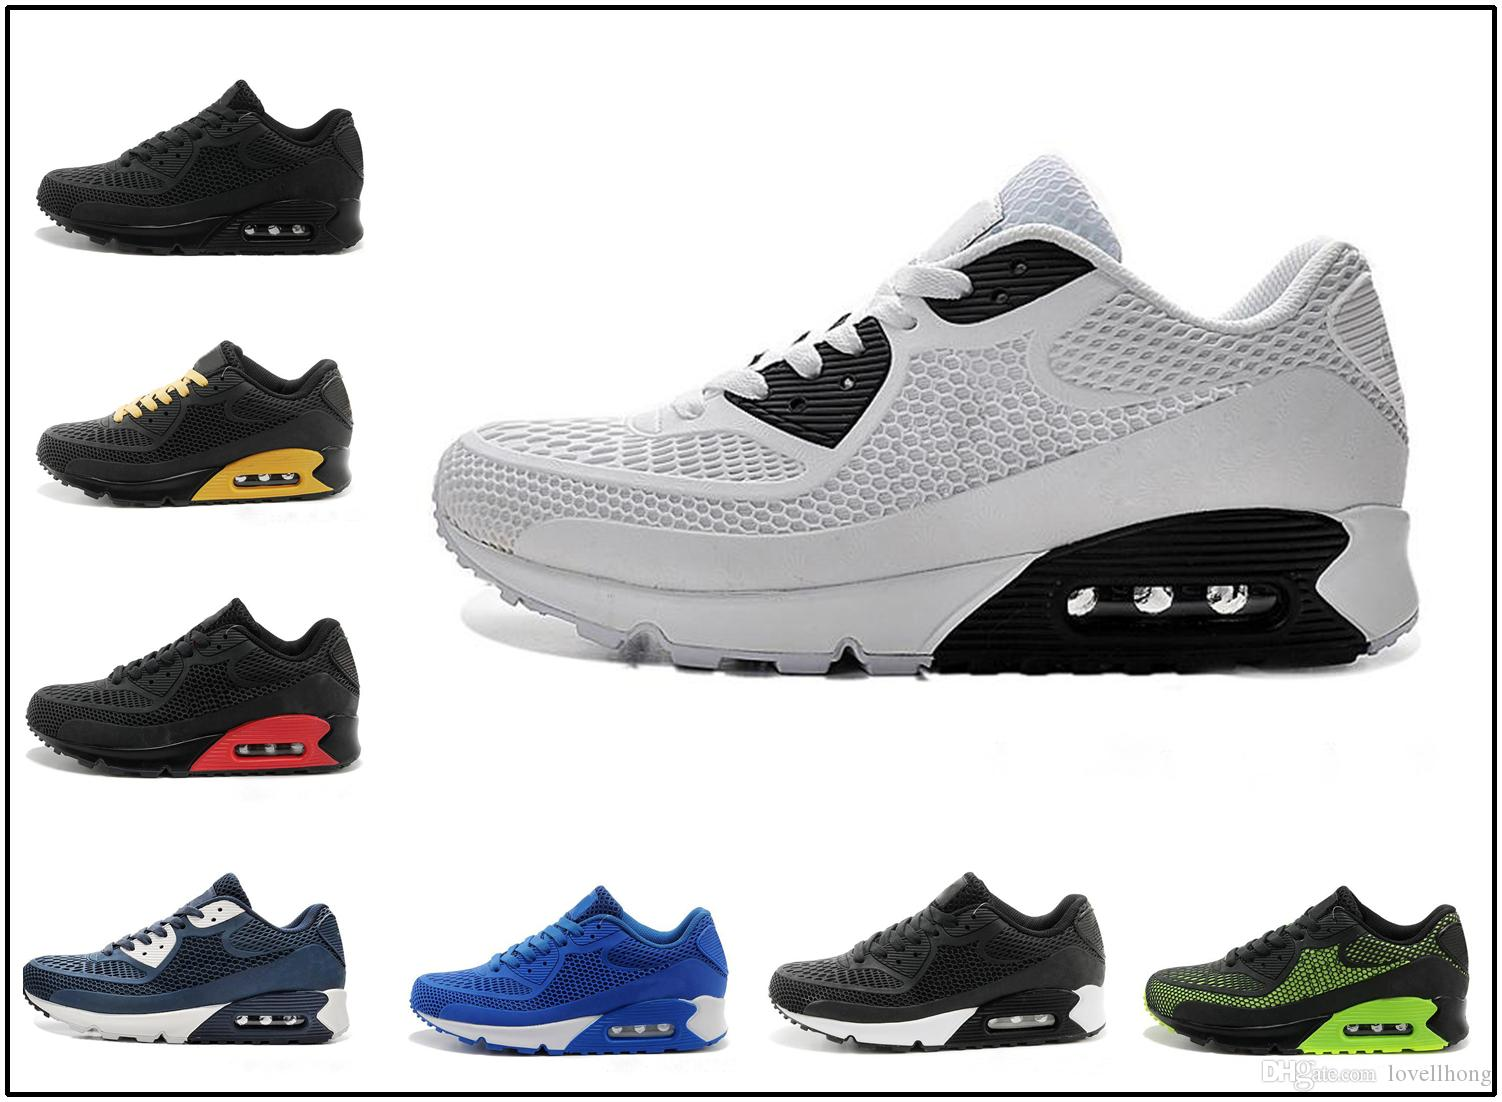 3ae73e44 Compre Nike Air Max 90 Kpu Airmax Nuevas Zapatillas De Deporte Cojín De Aire  90 KPU Hombres Mujeres Zapatillas De Deporte De Alta Calidad Todos Los  Zapatos ...